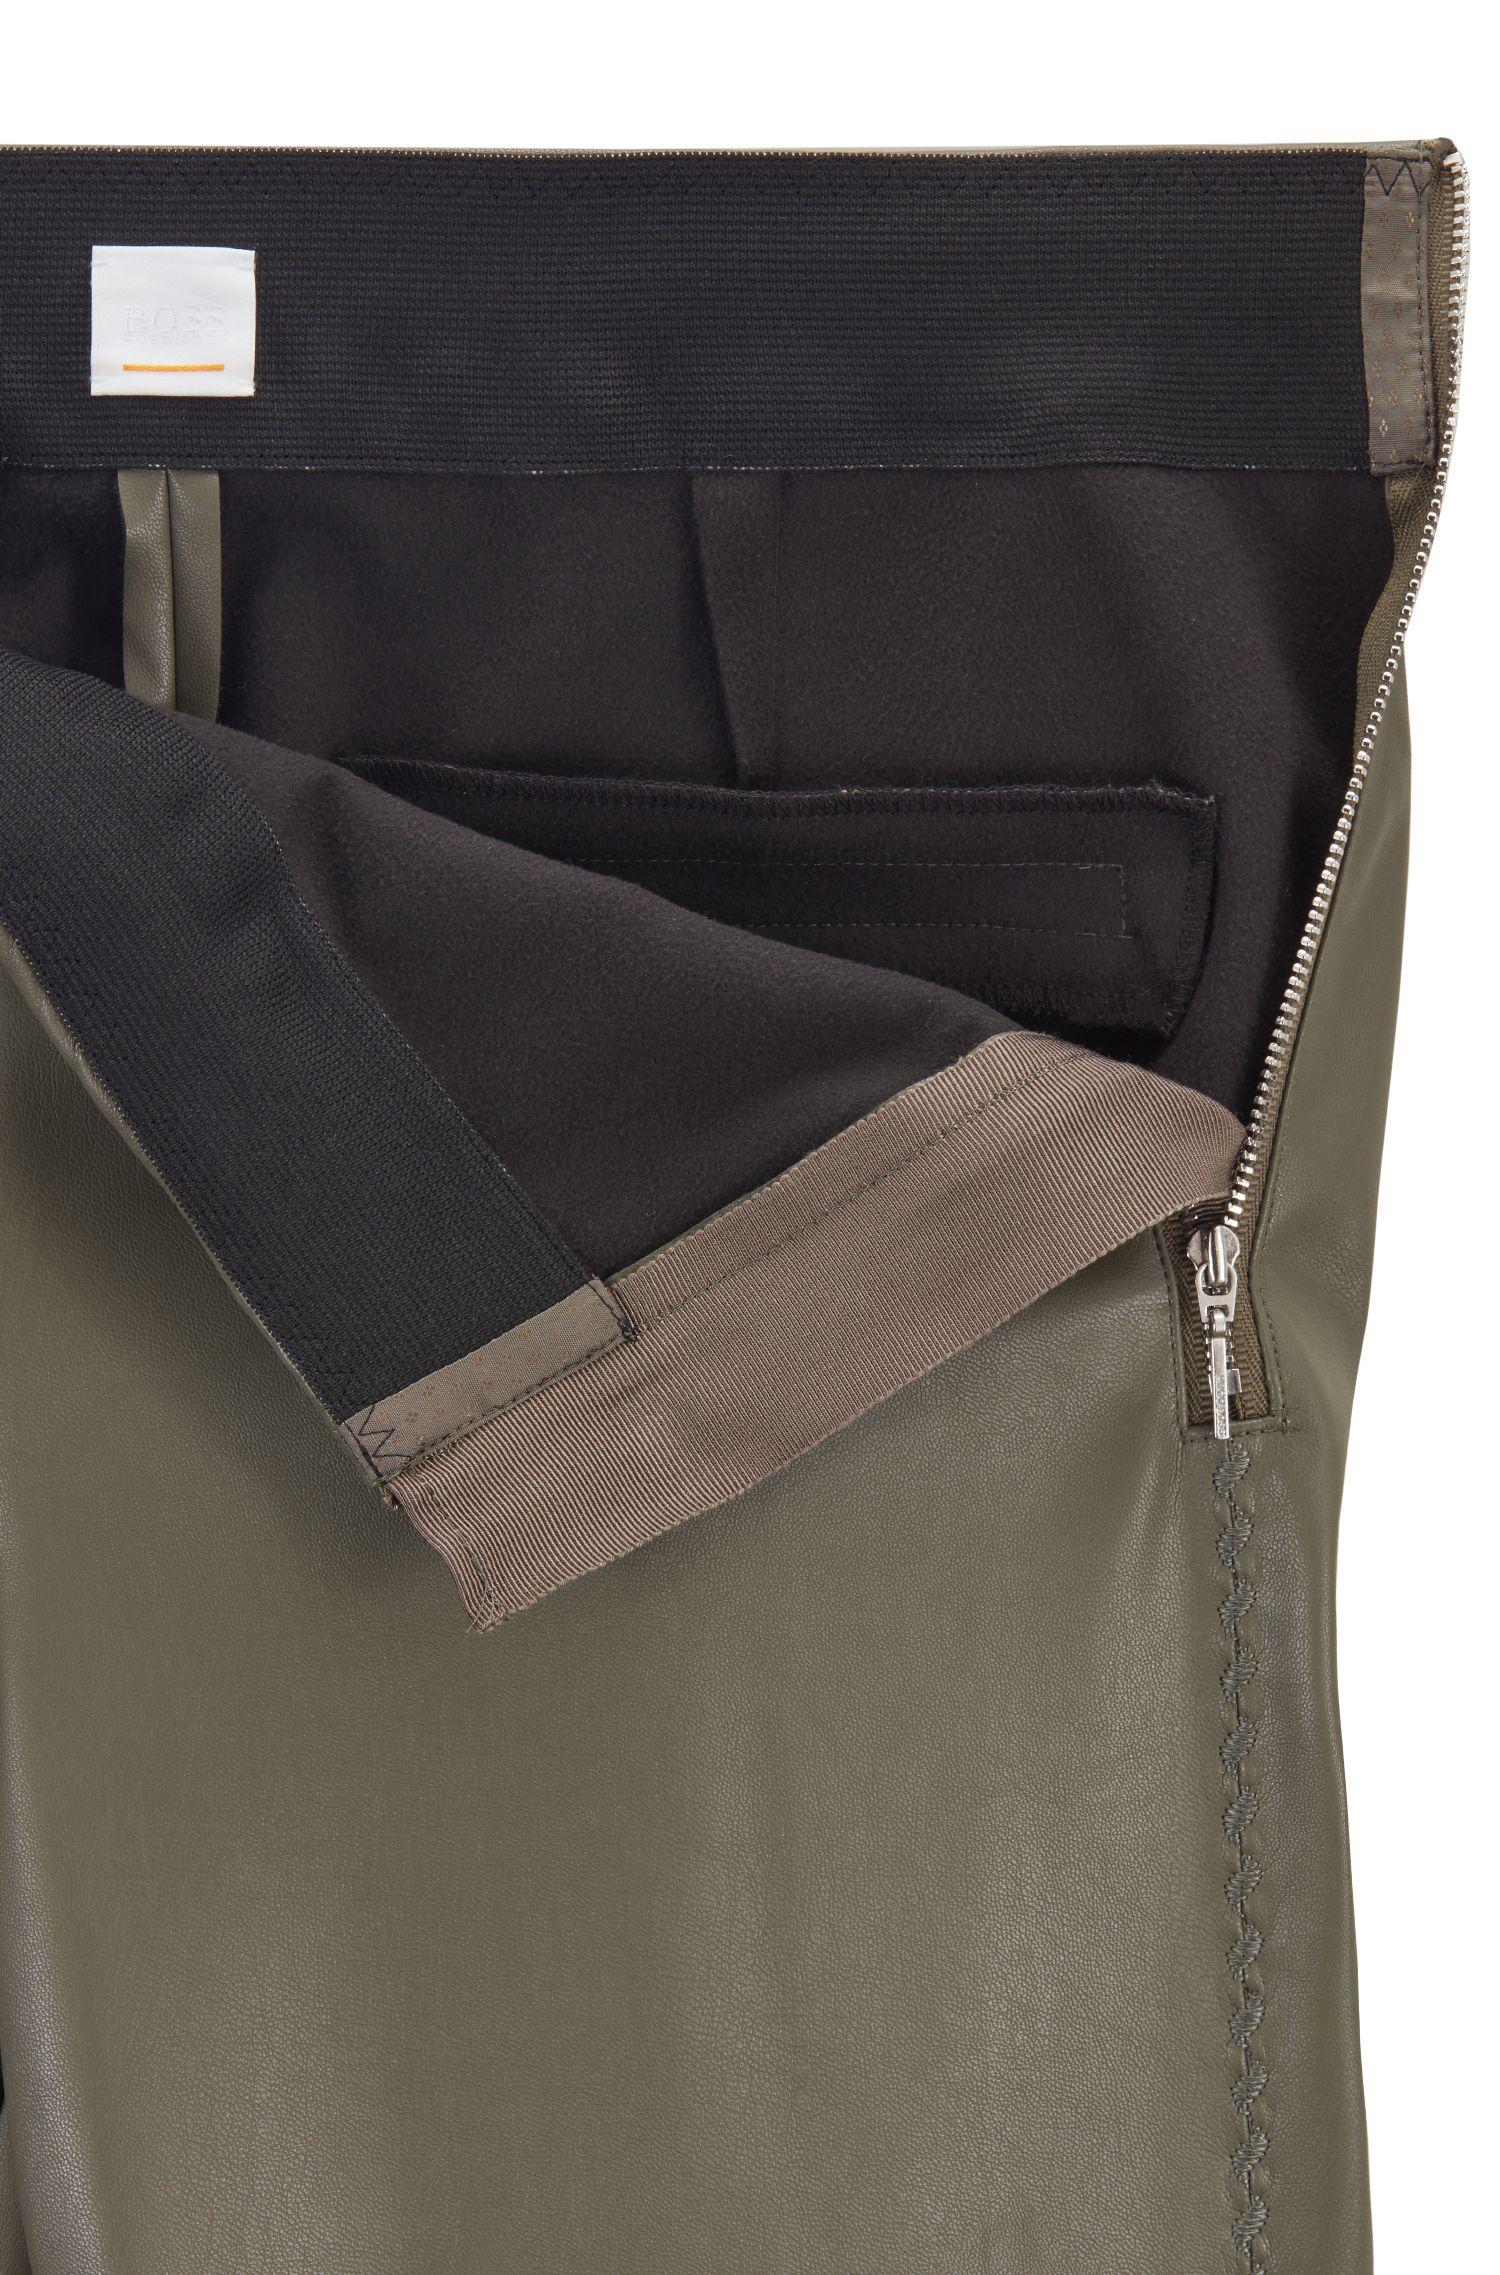 Pantalon façon legging, en similicuir rehaussé de broderies, Kaki